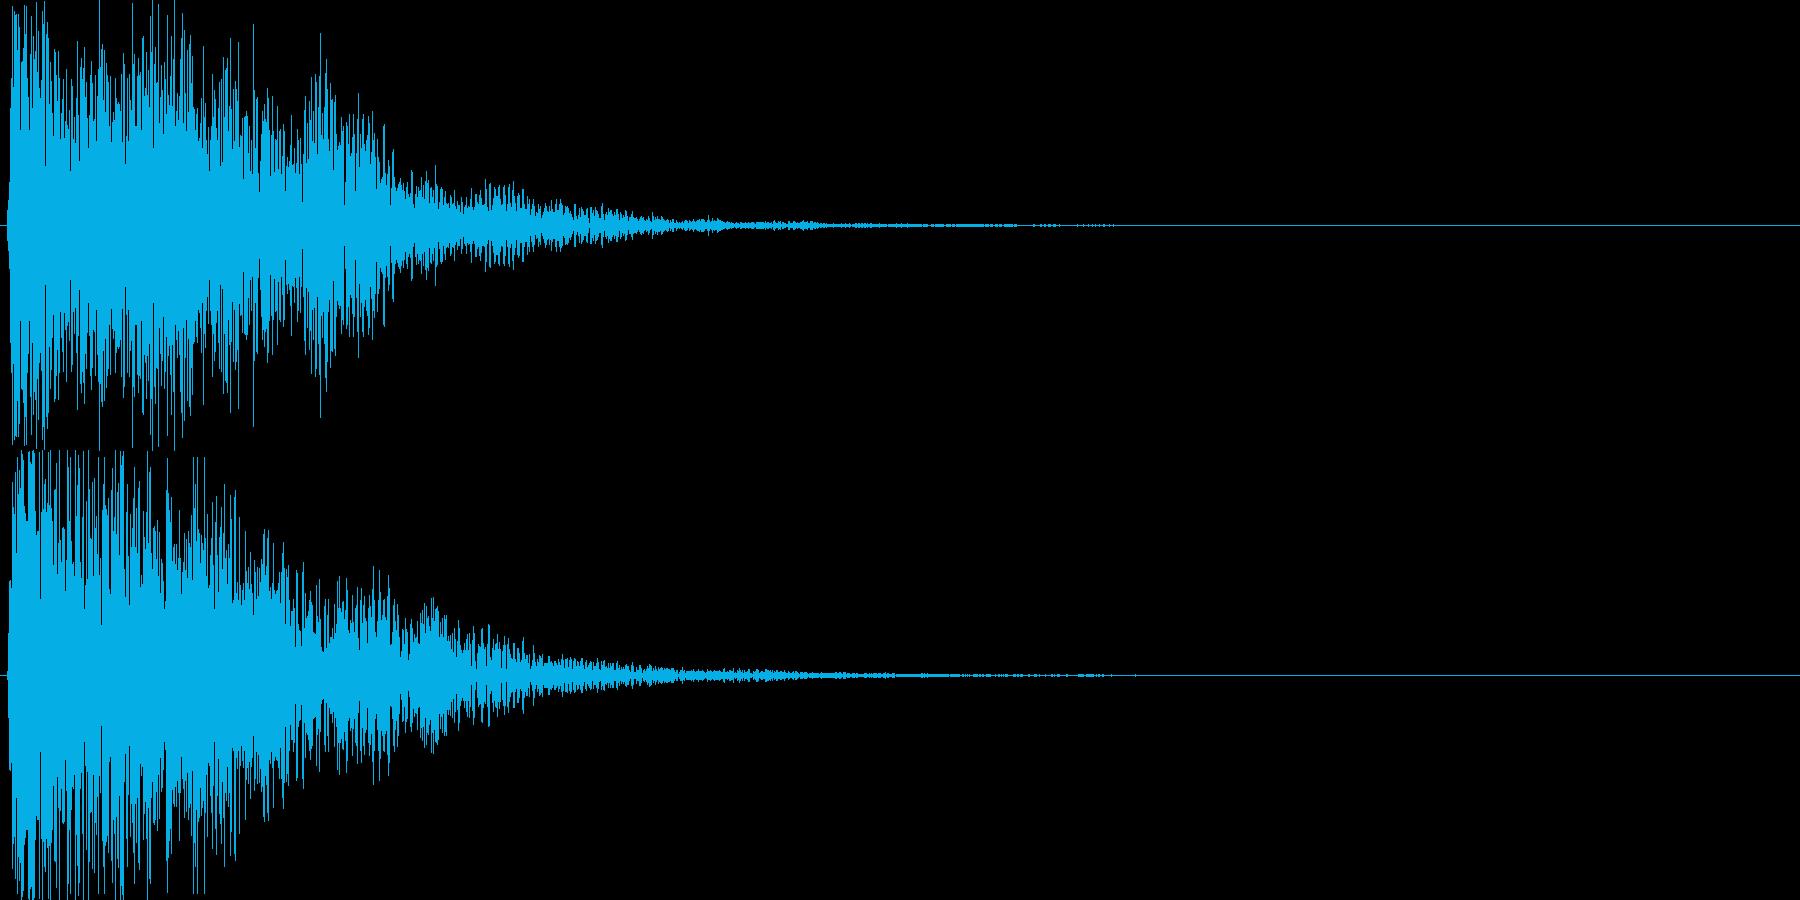 ピコ(ゲーム、アプリなどの操作音10)の再生済みの波形